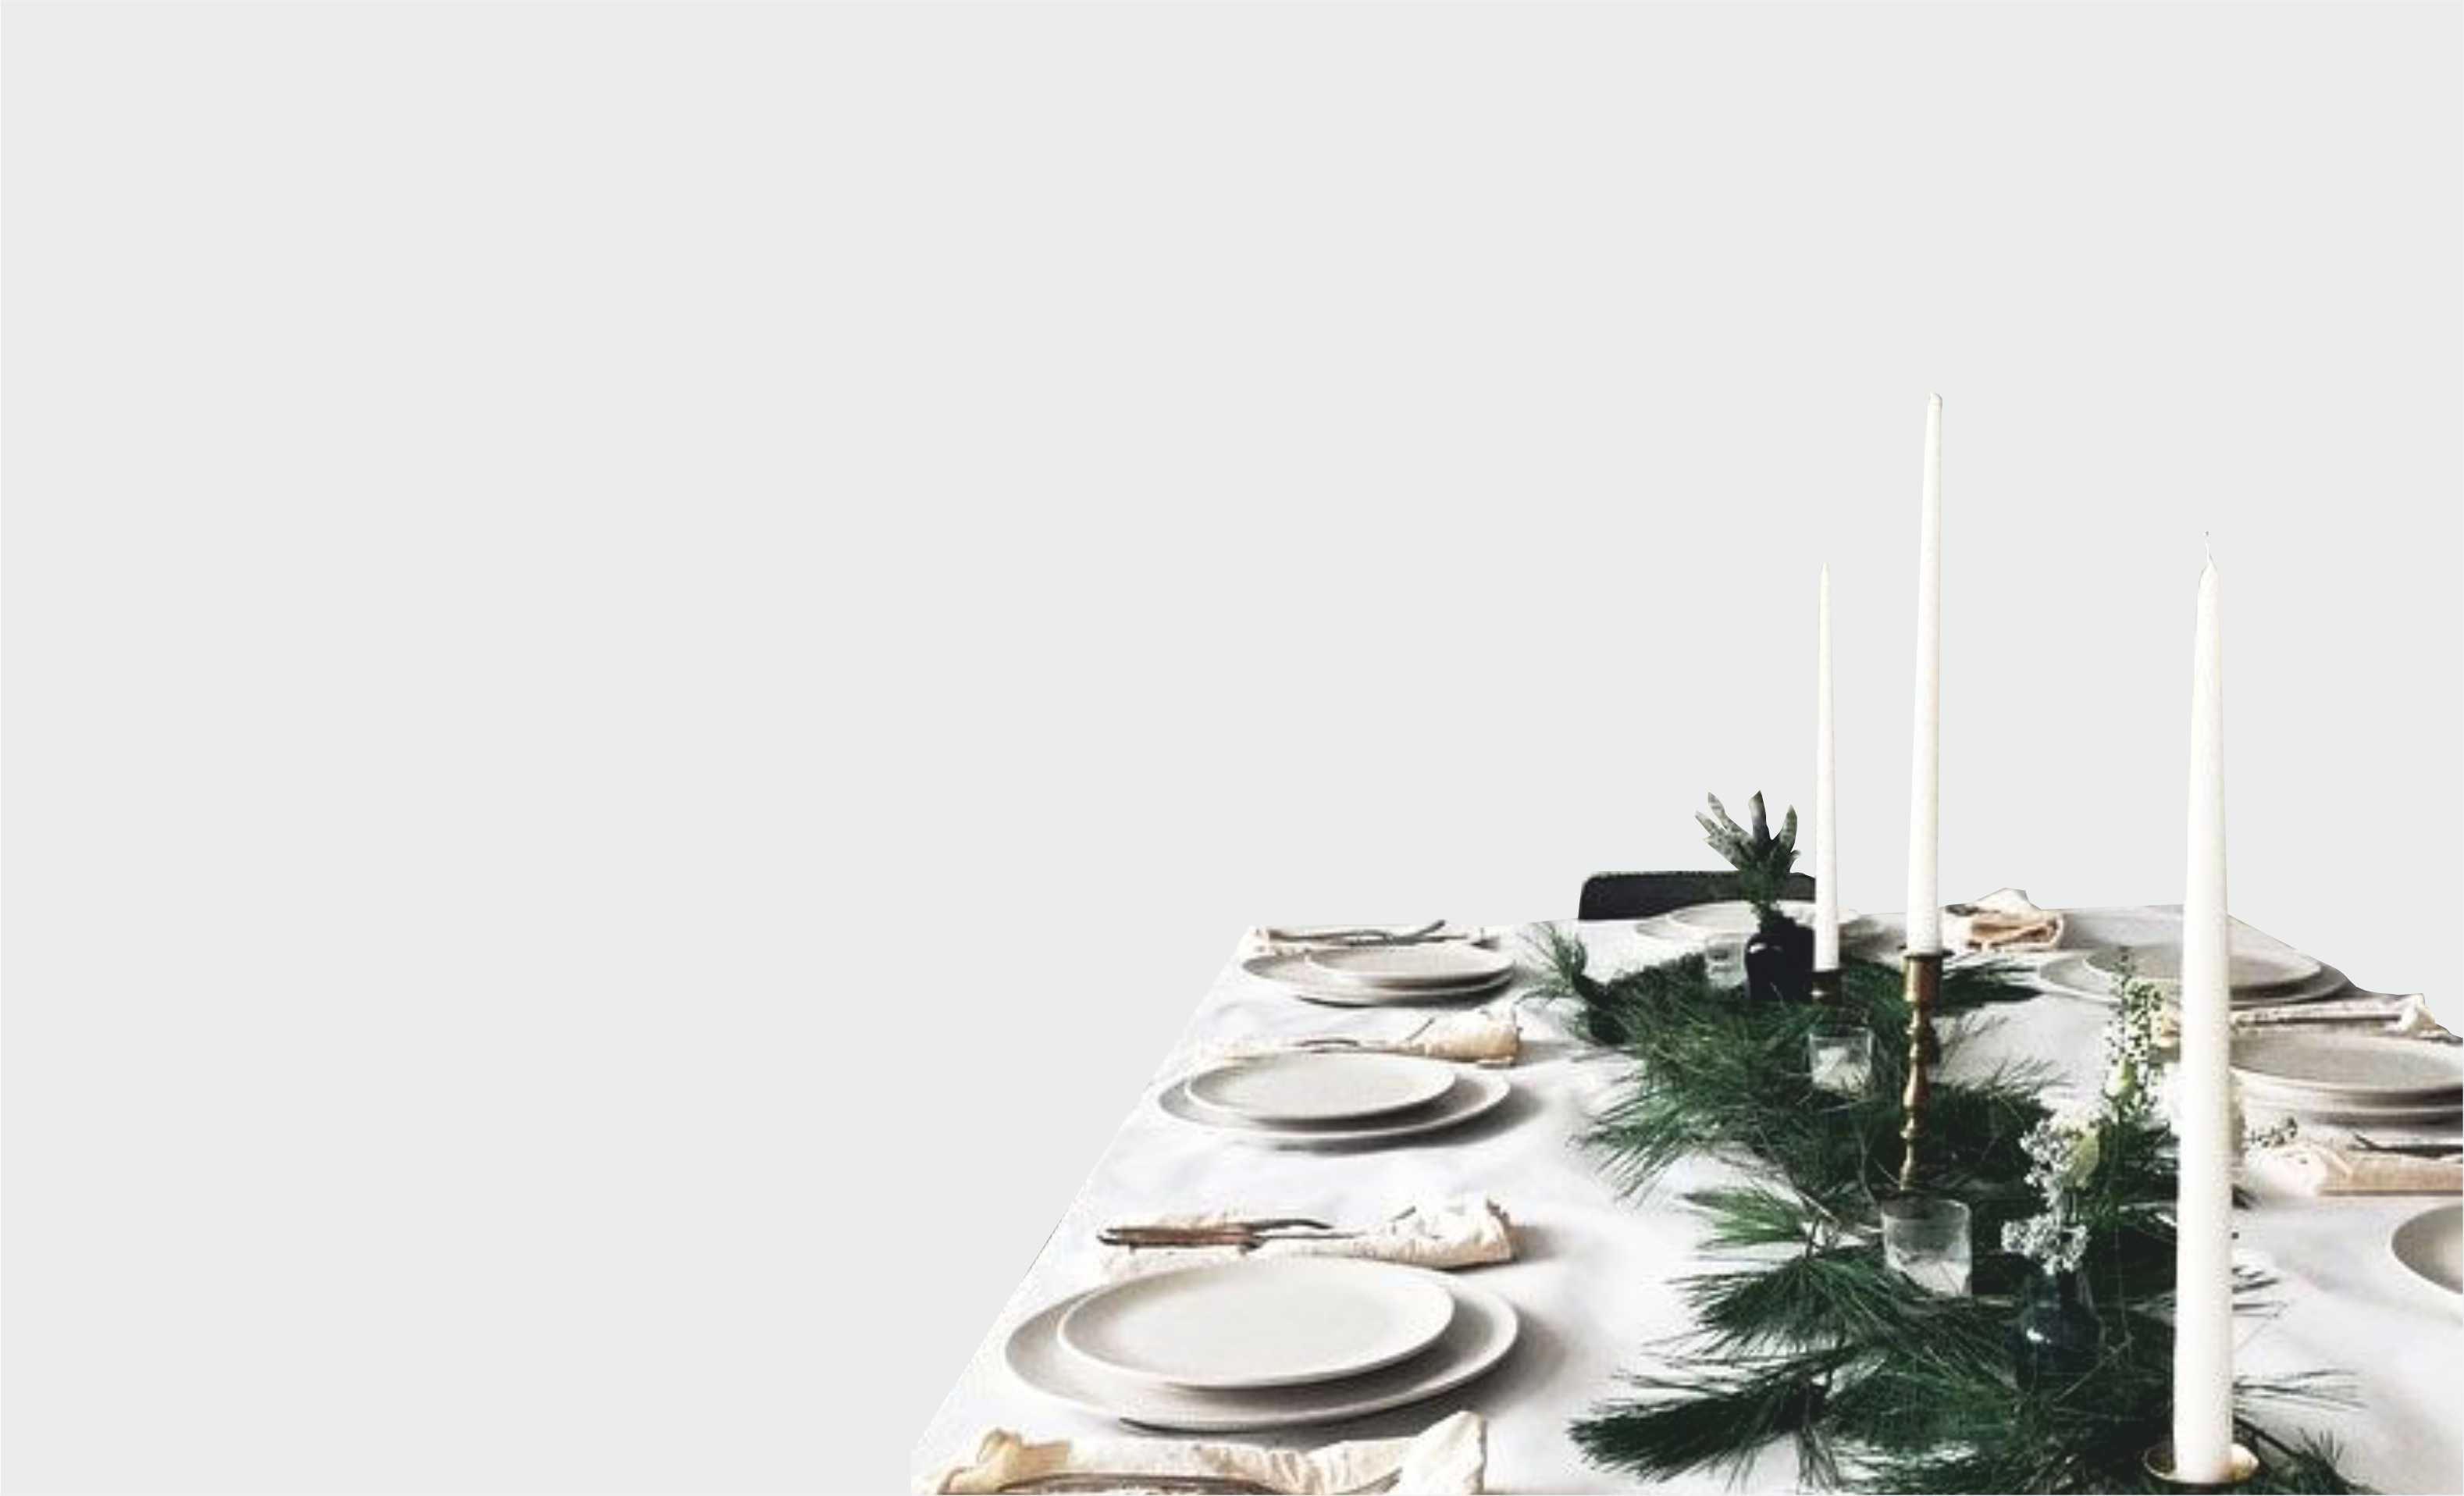 Mise en place Christmas: a tavola con il design